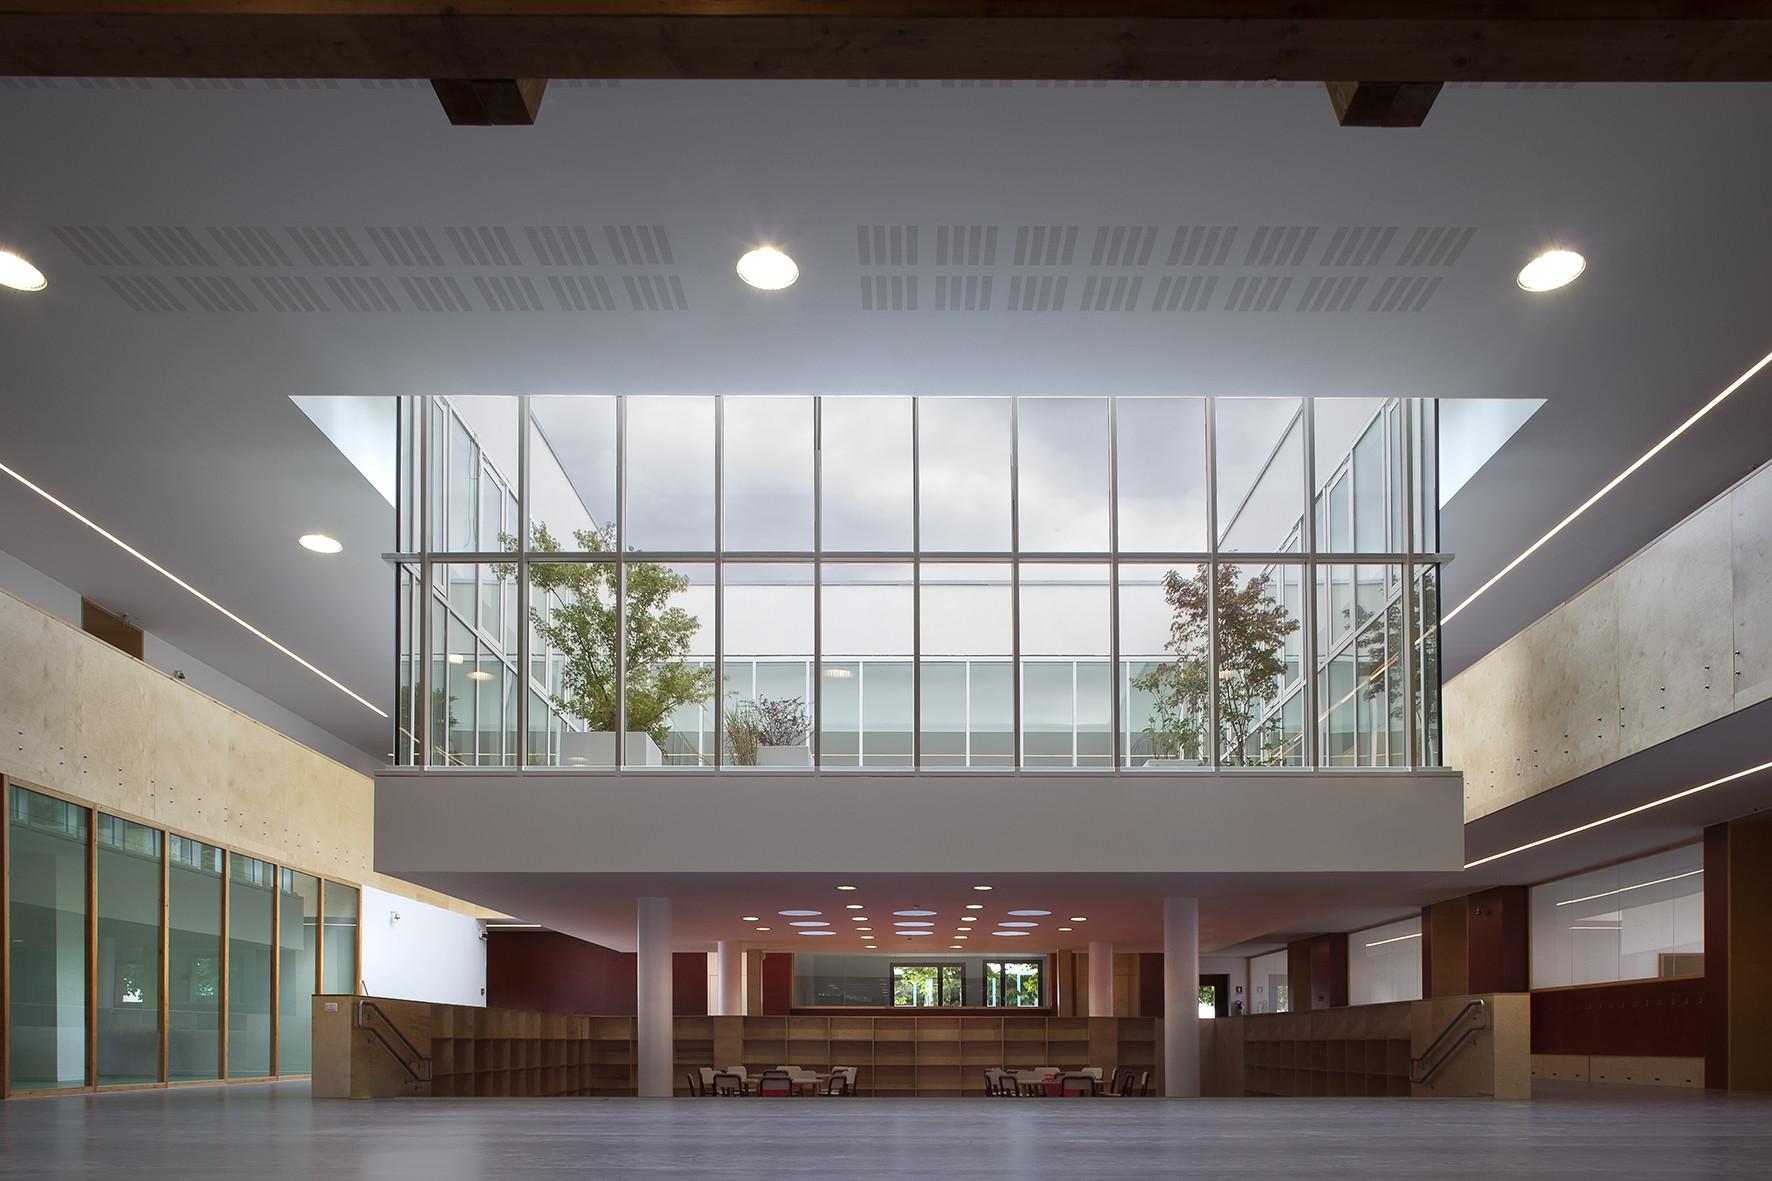 Chiarano Primary School / C+S Architects, © Alessandra Bello